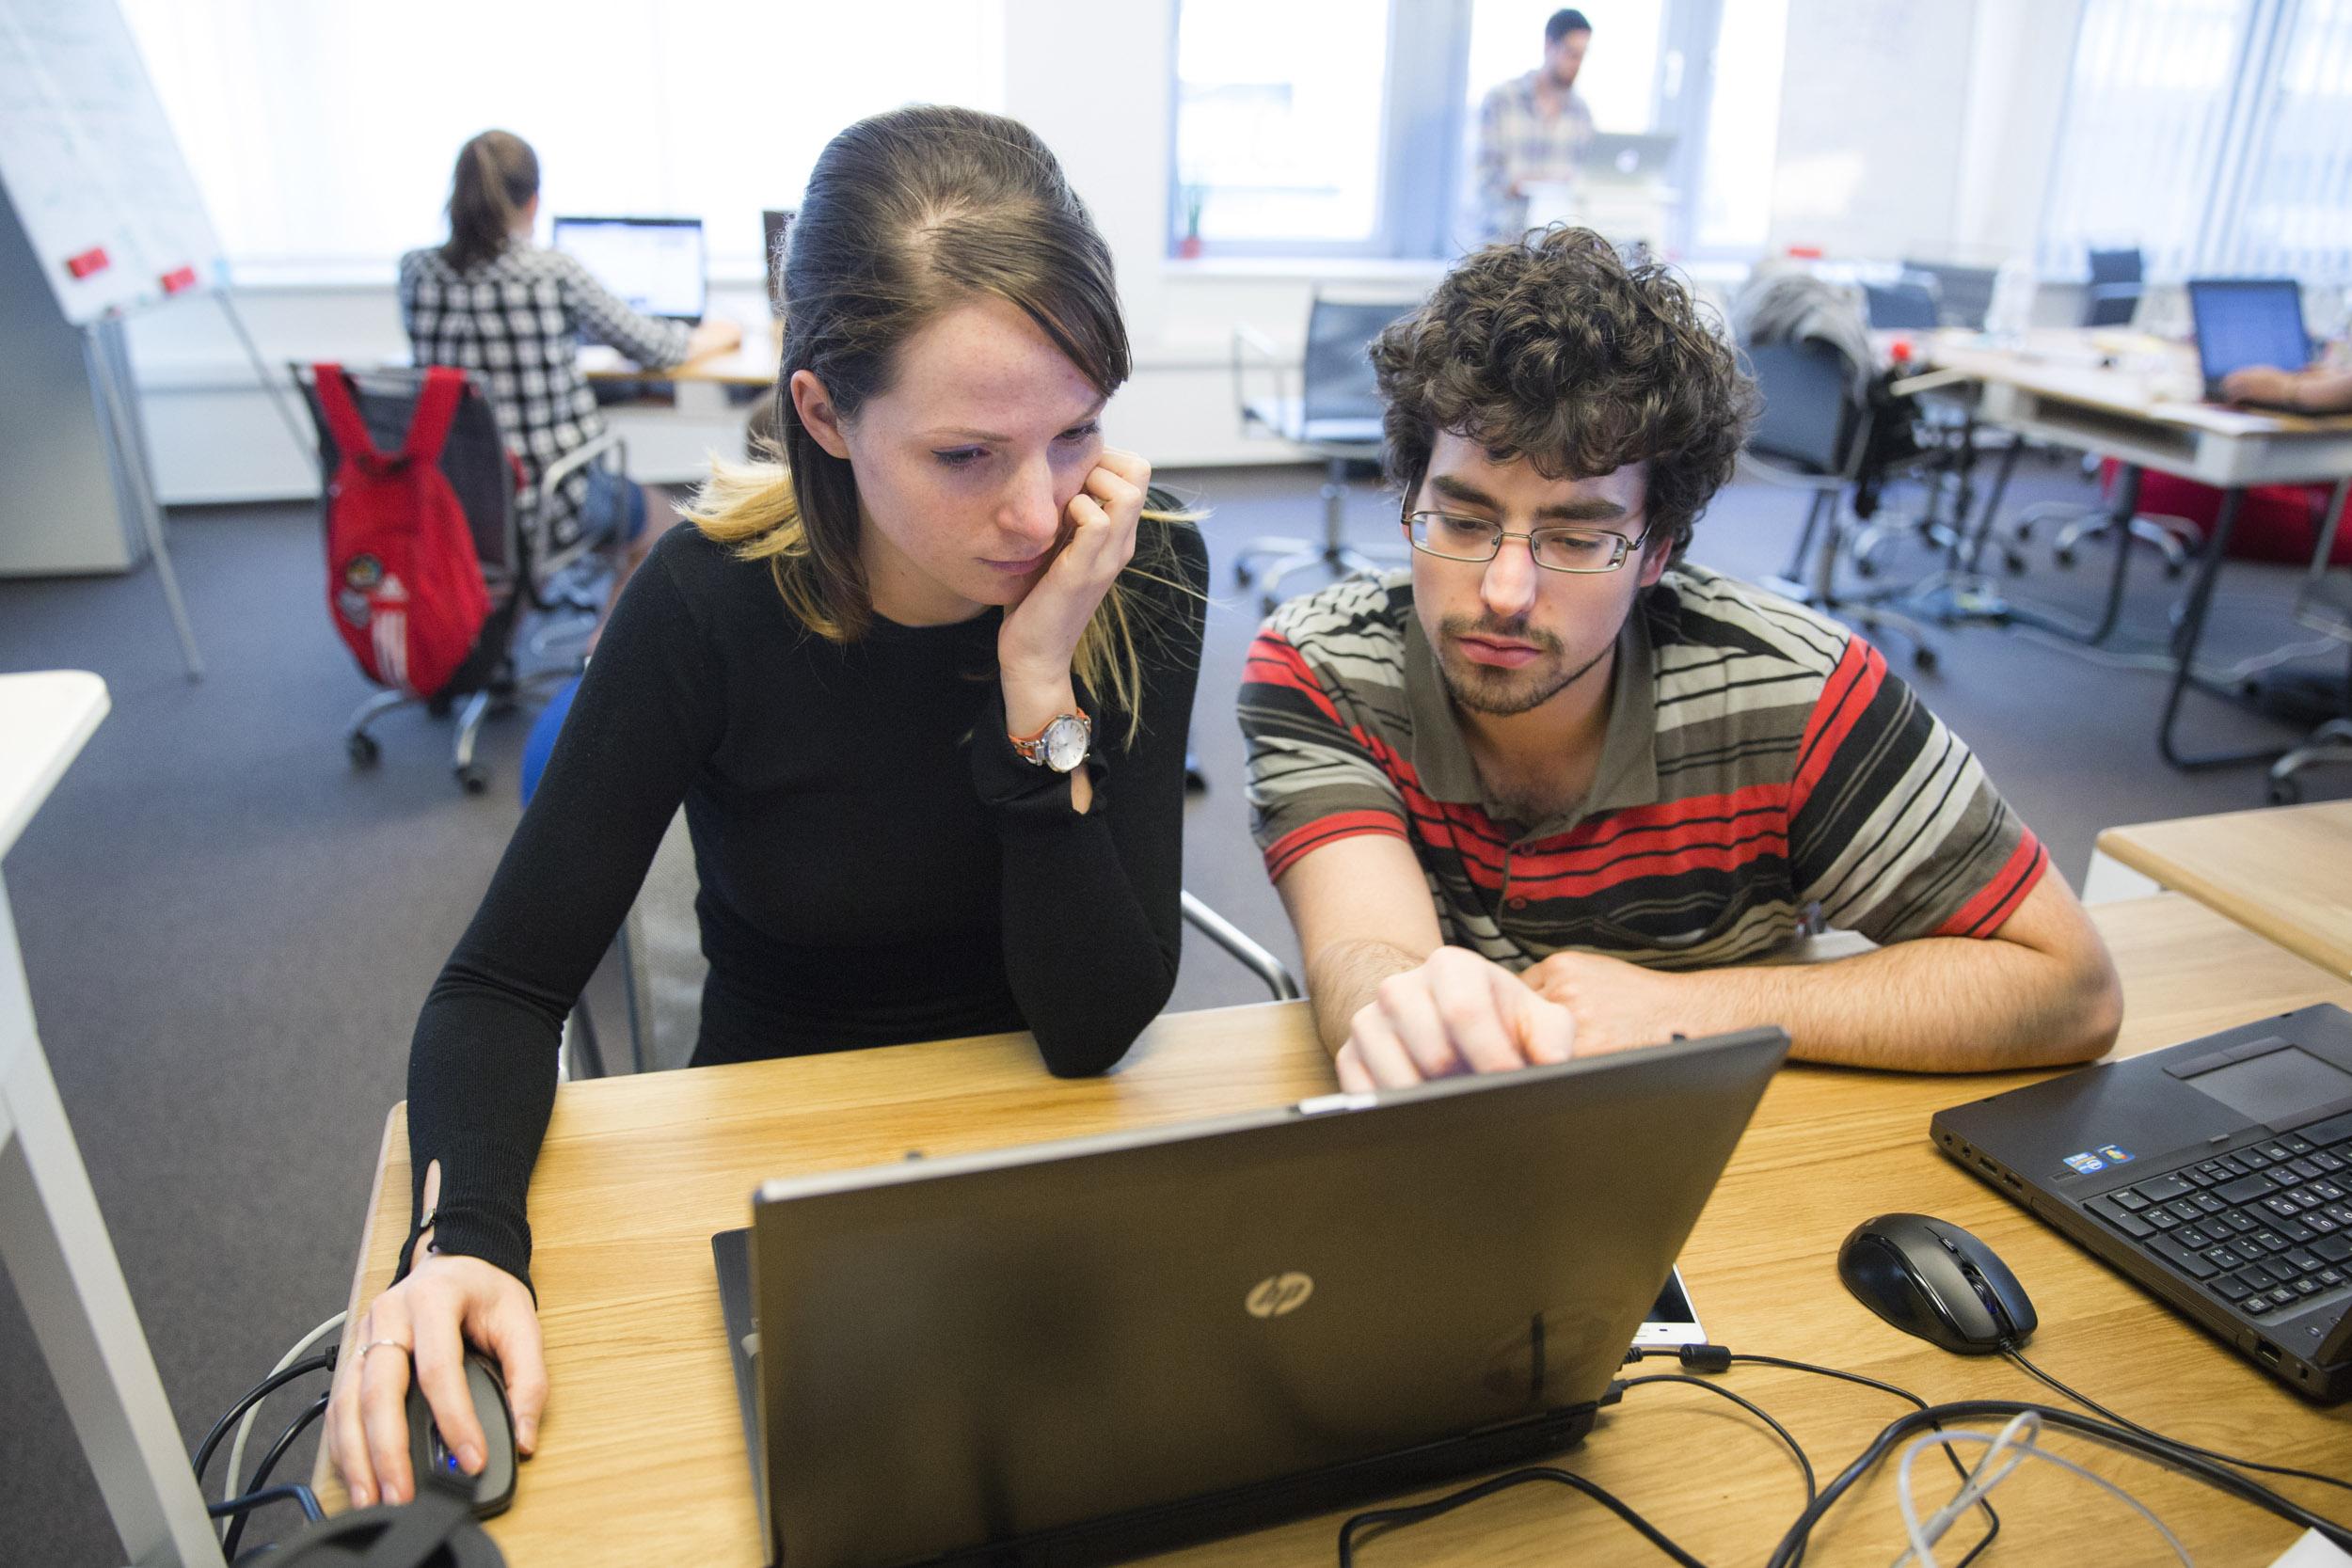 kereset az interneten kezdő programozók számára pénzt keresni az interneten azonnal és beruházások nélkül